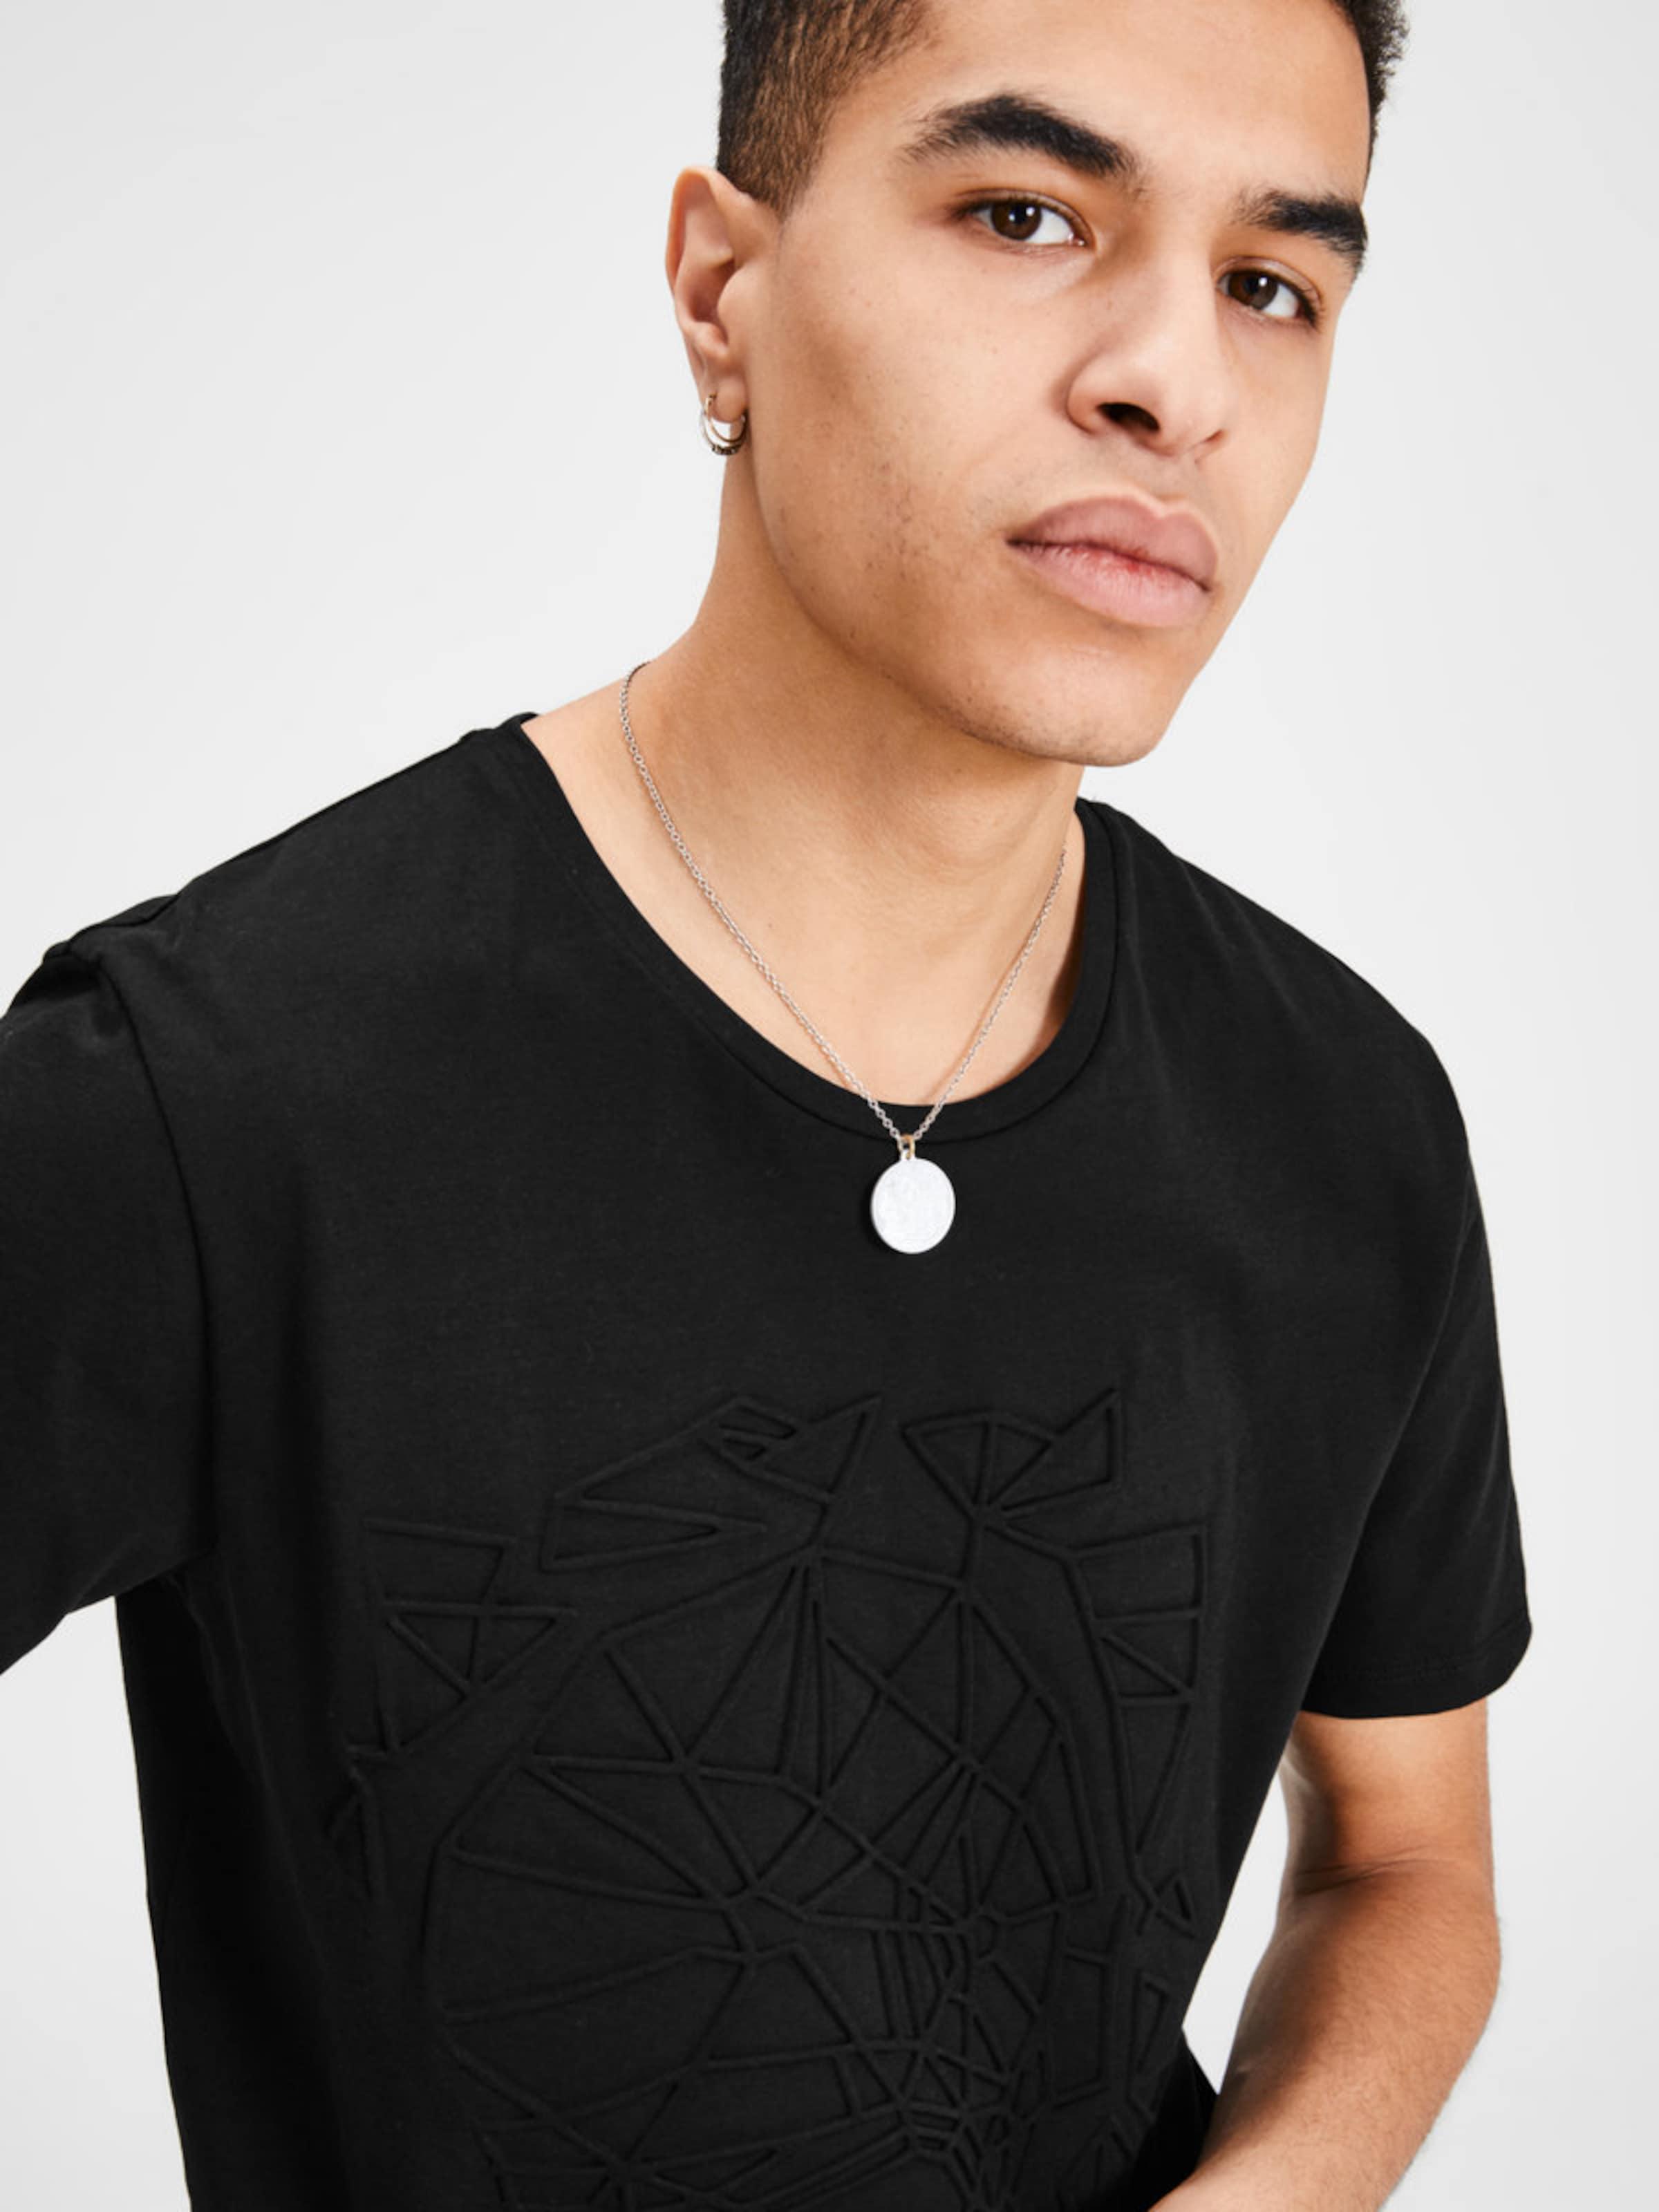 JACK & JONES T-Shirt Grafisches Verkauf Beste Geschäft Zu Erhalten C0ZaaOQ